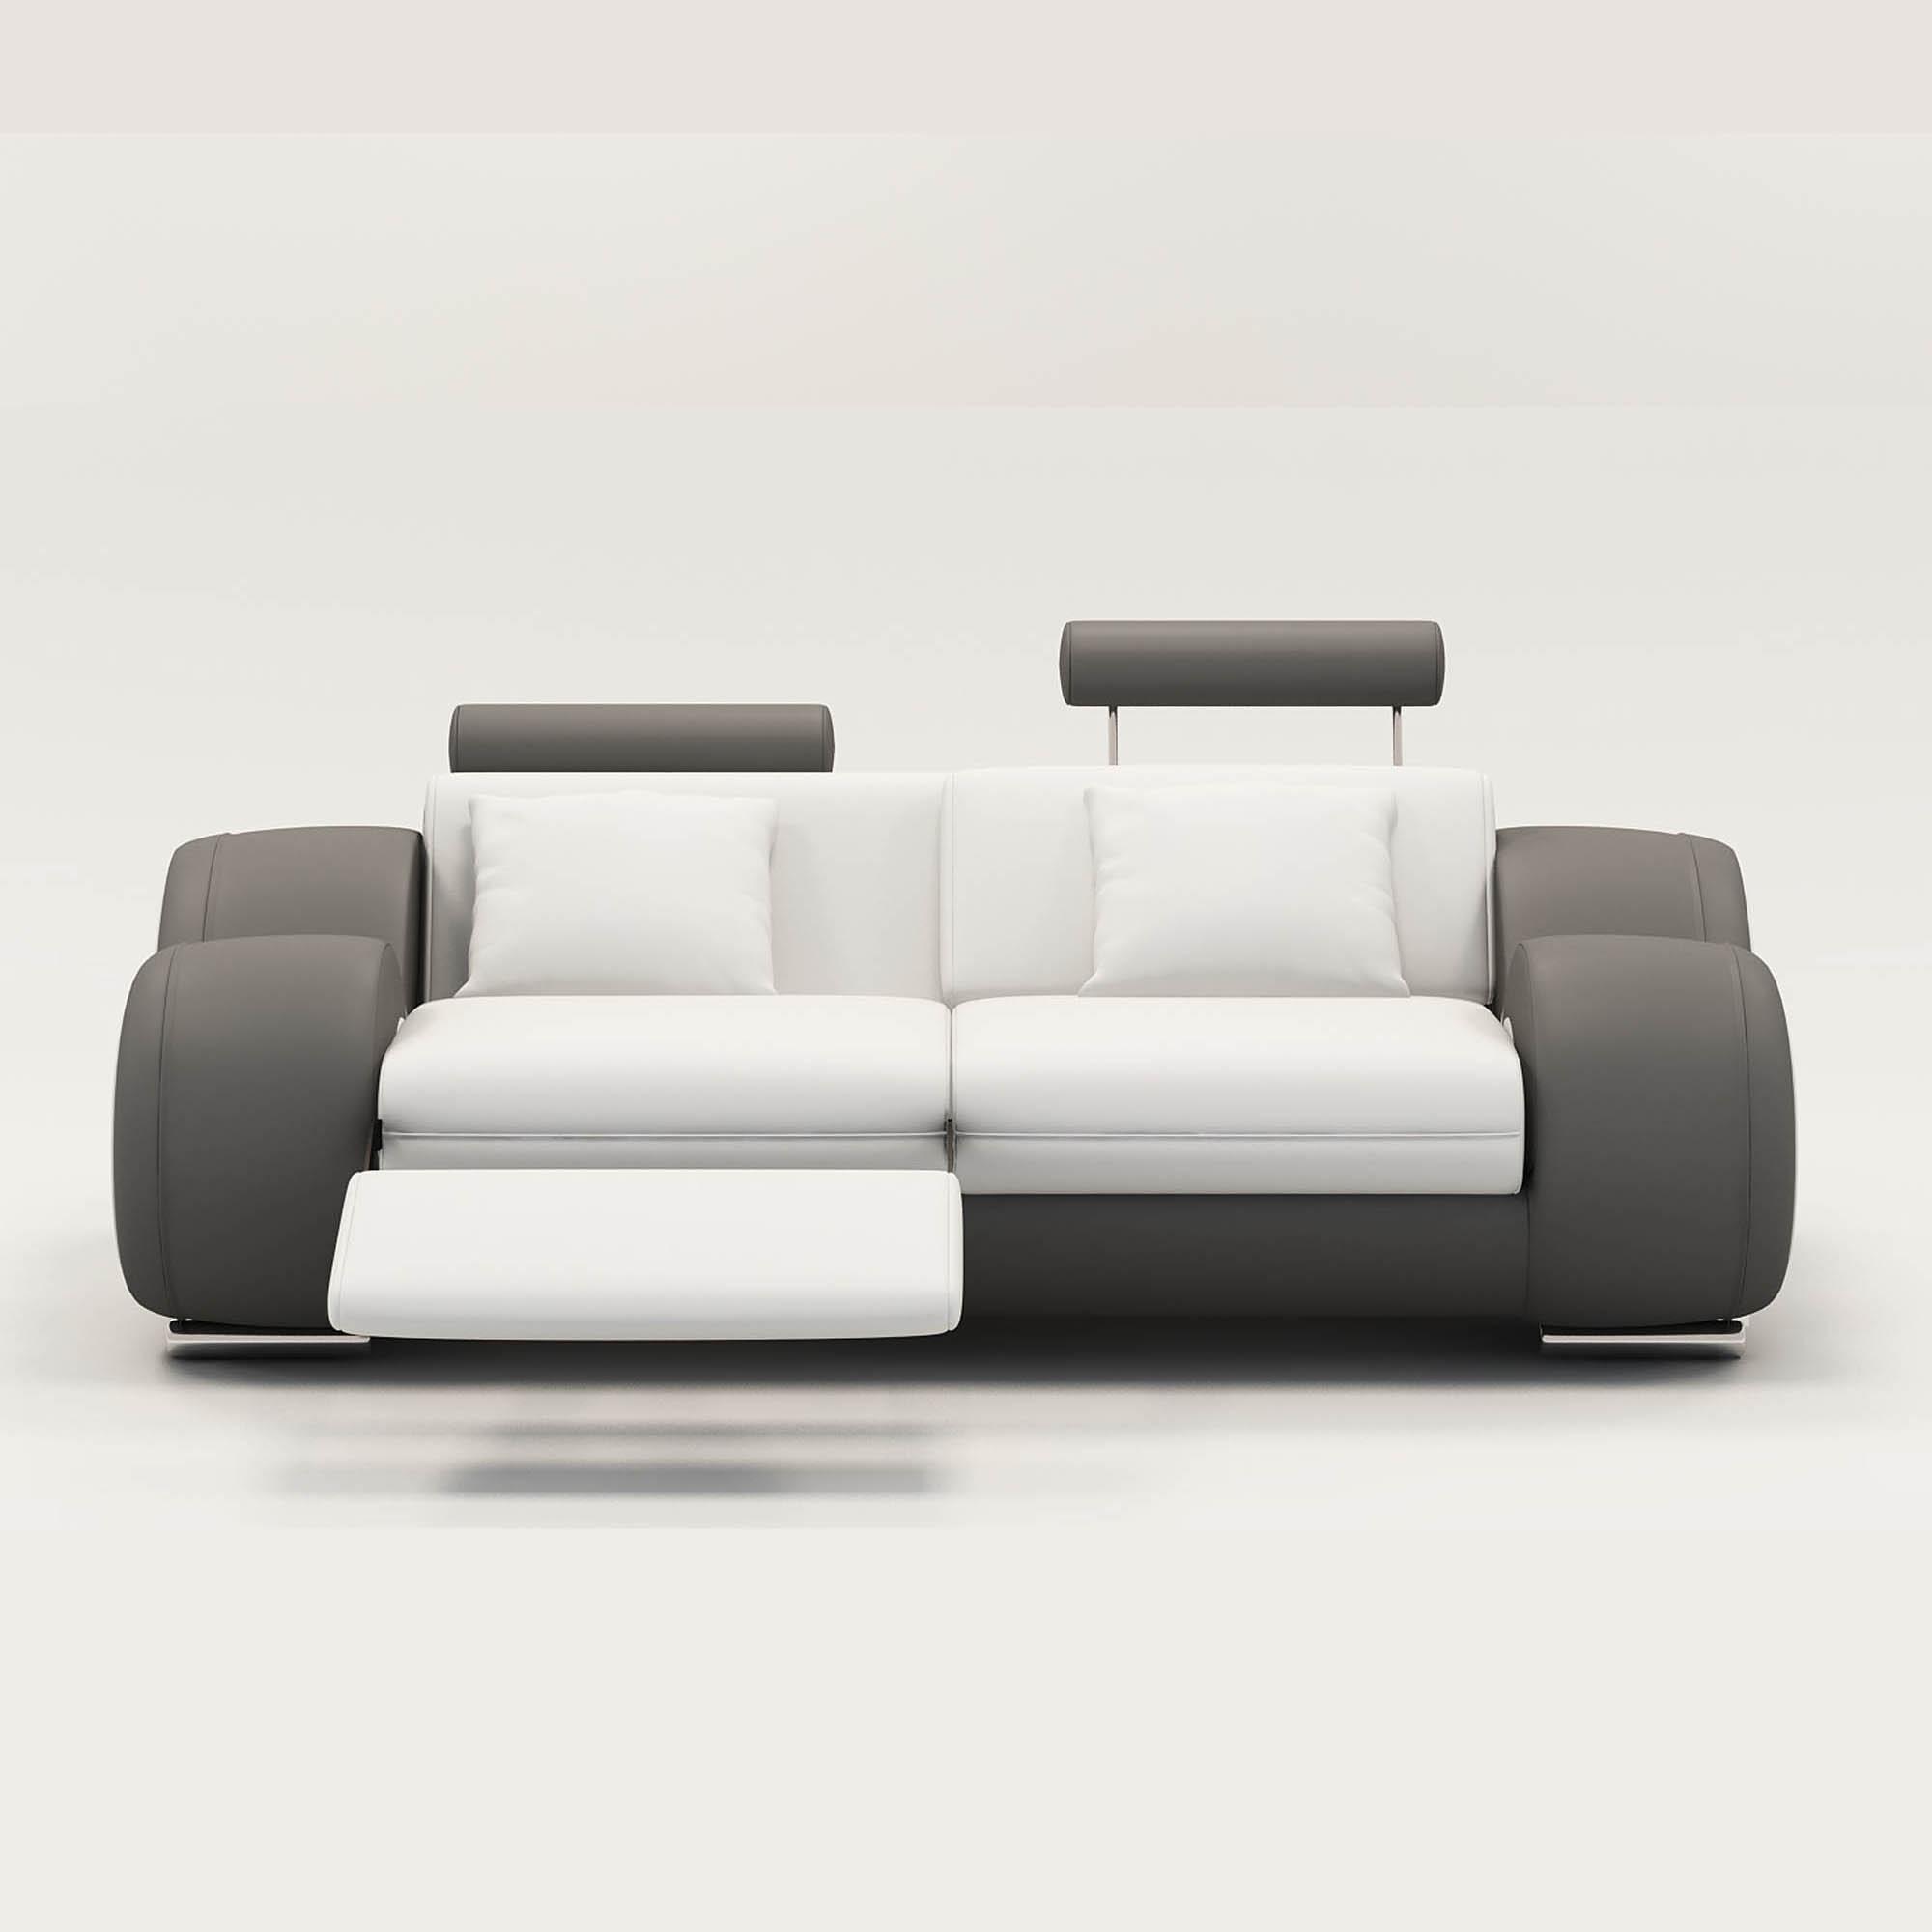 Canapé 2 Places Design Relax Oslo En Cuir Blanc Et Gris dedans Canape Cuir Blanc